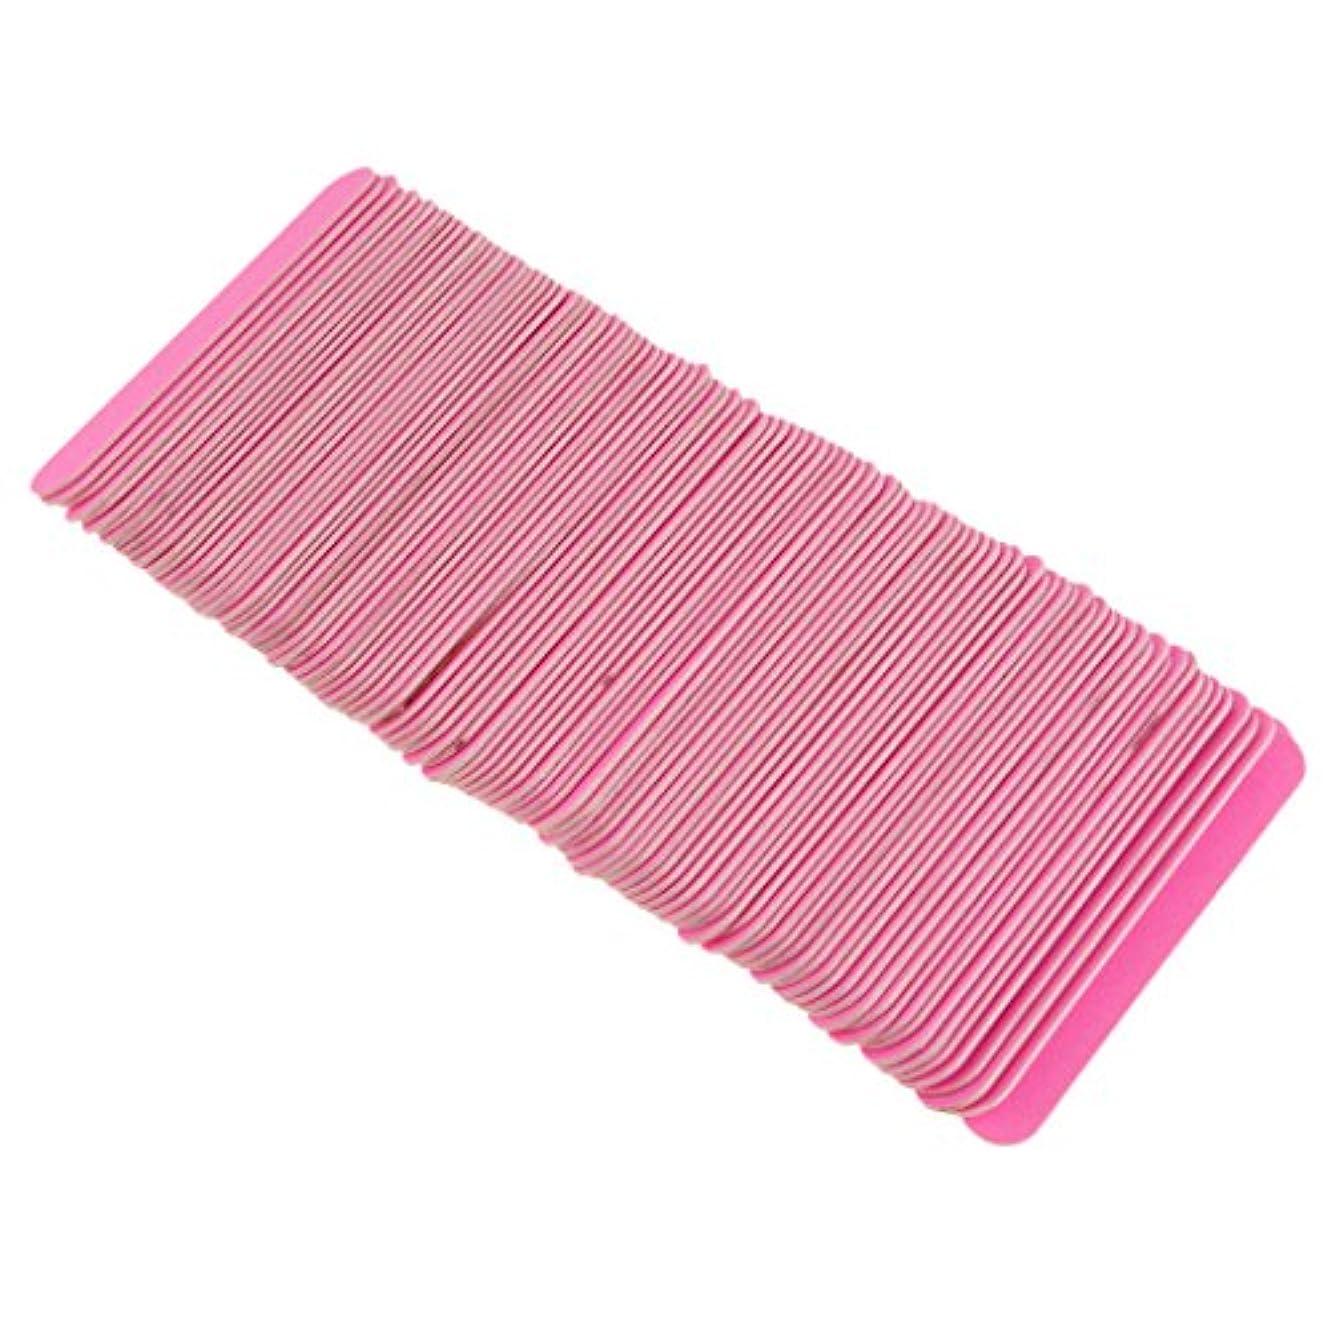 口述する意識異常Toygogo ネイルファイル 爪やすり 爪磨き ネイルバッファー 爪ファイル ネイルサロン 約100個セット